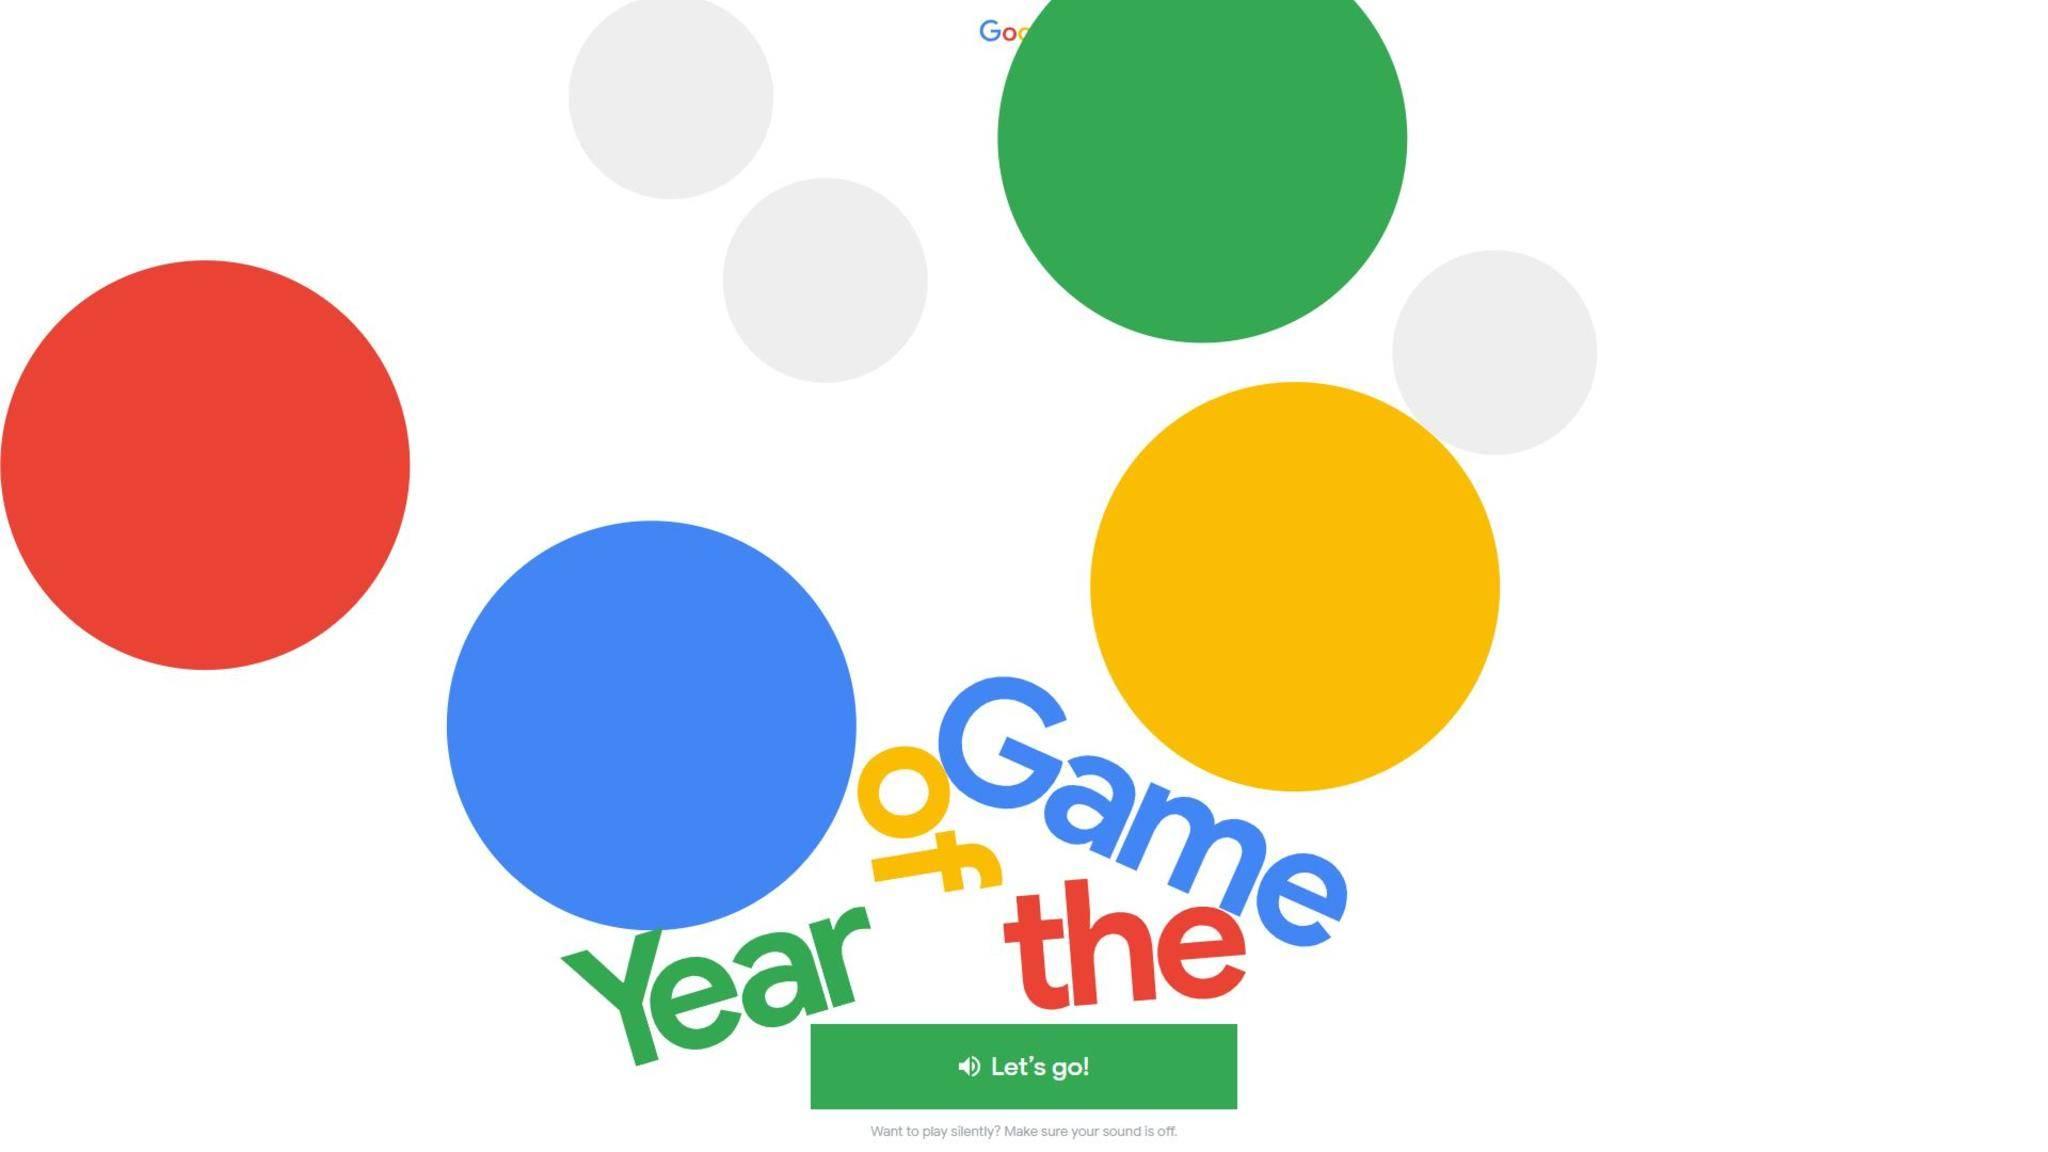 """Im """"Game of the Year"""" kannst Du Dein Wissen zu den Google-Suchtrends 2018 testen."""